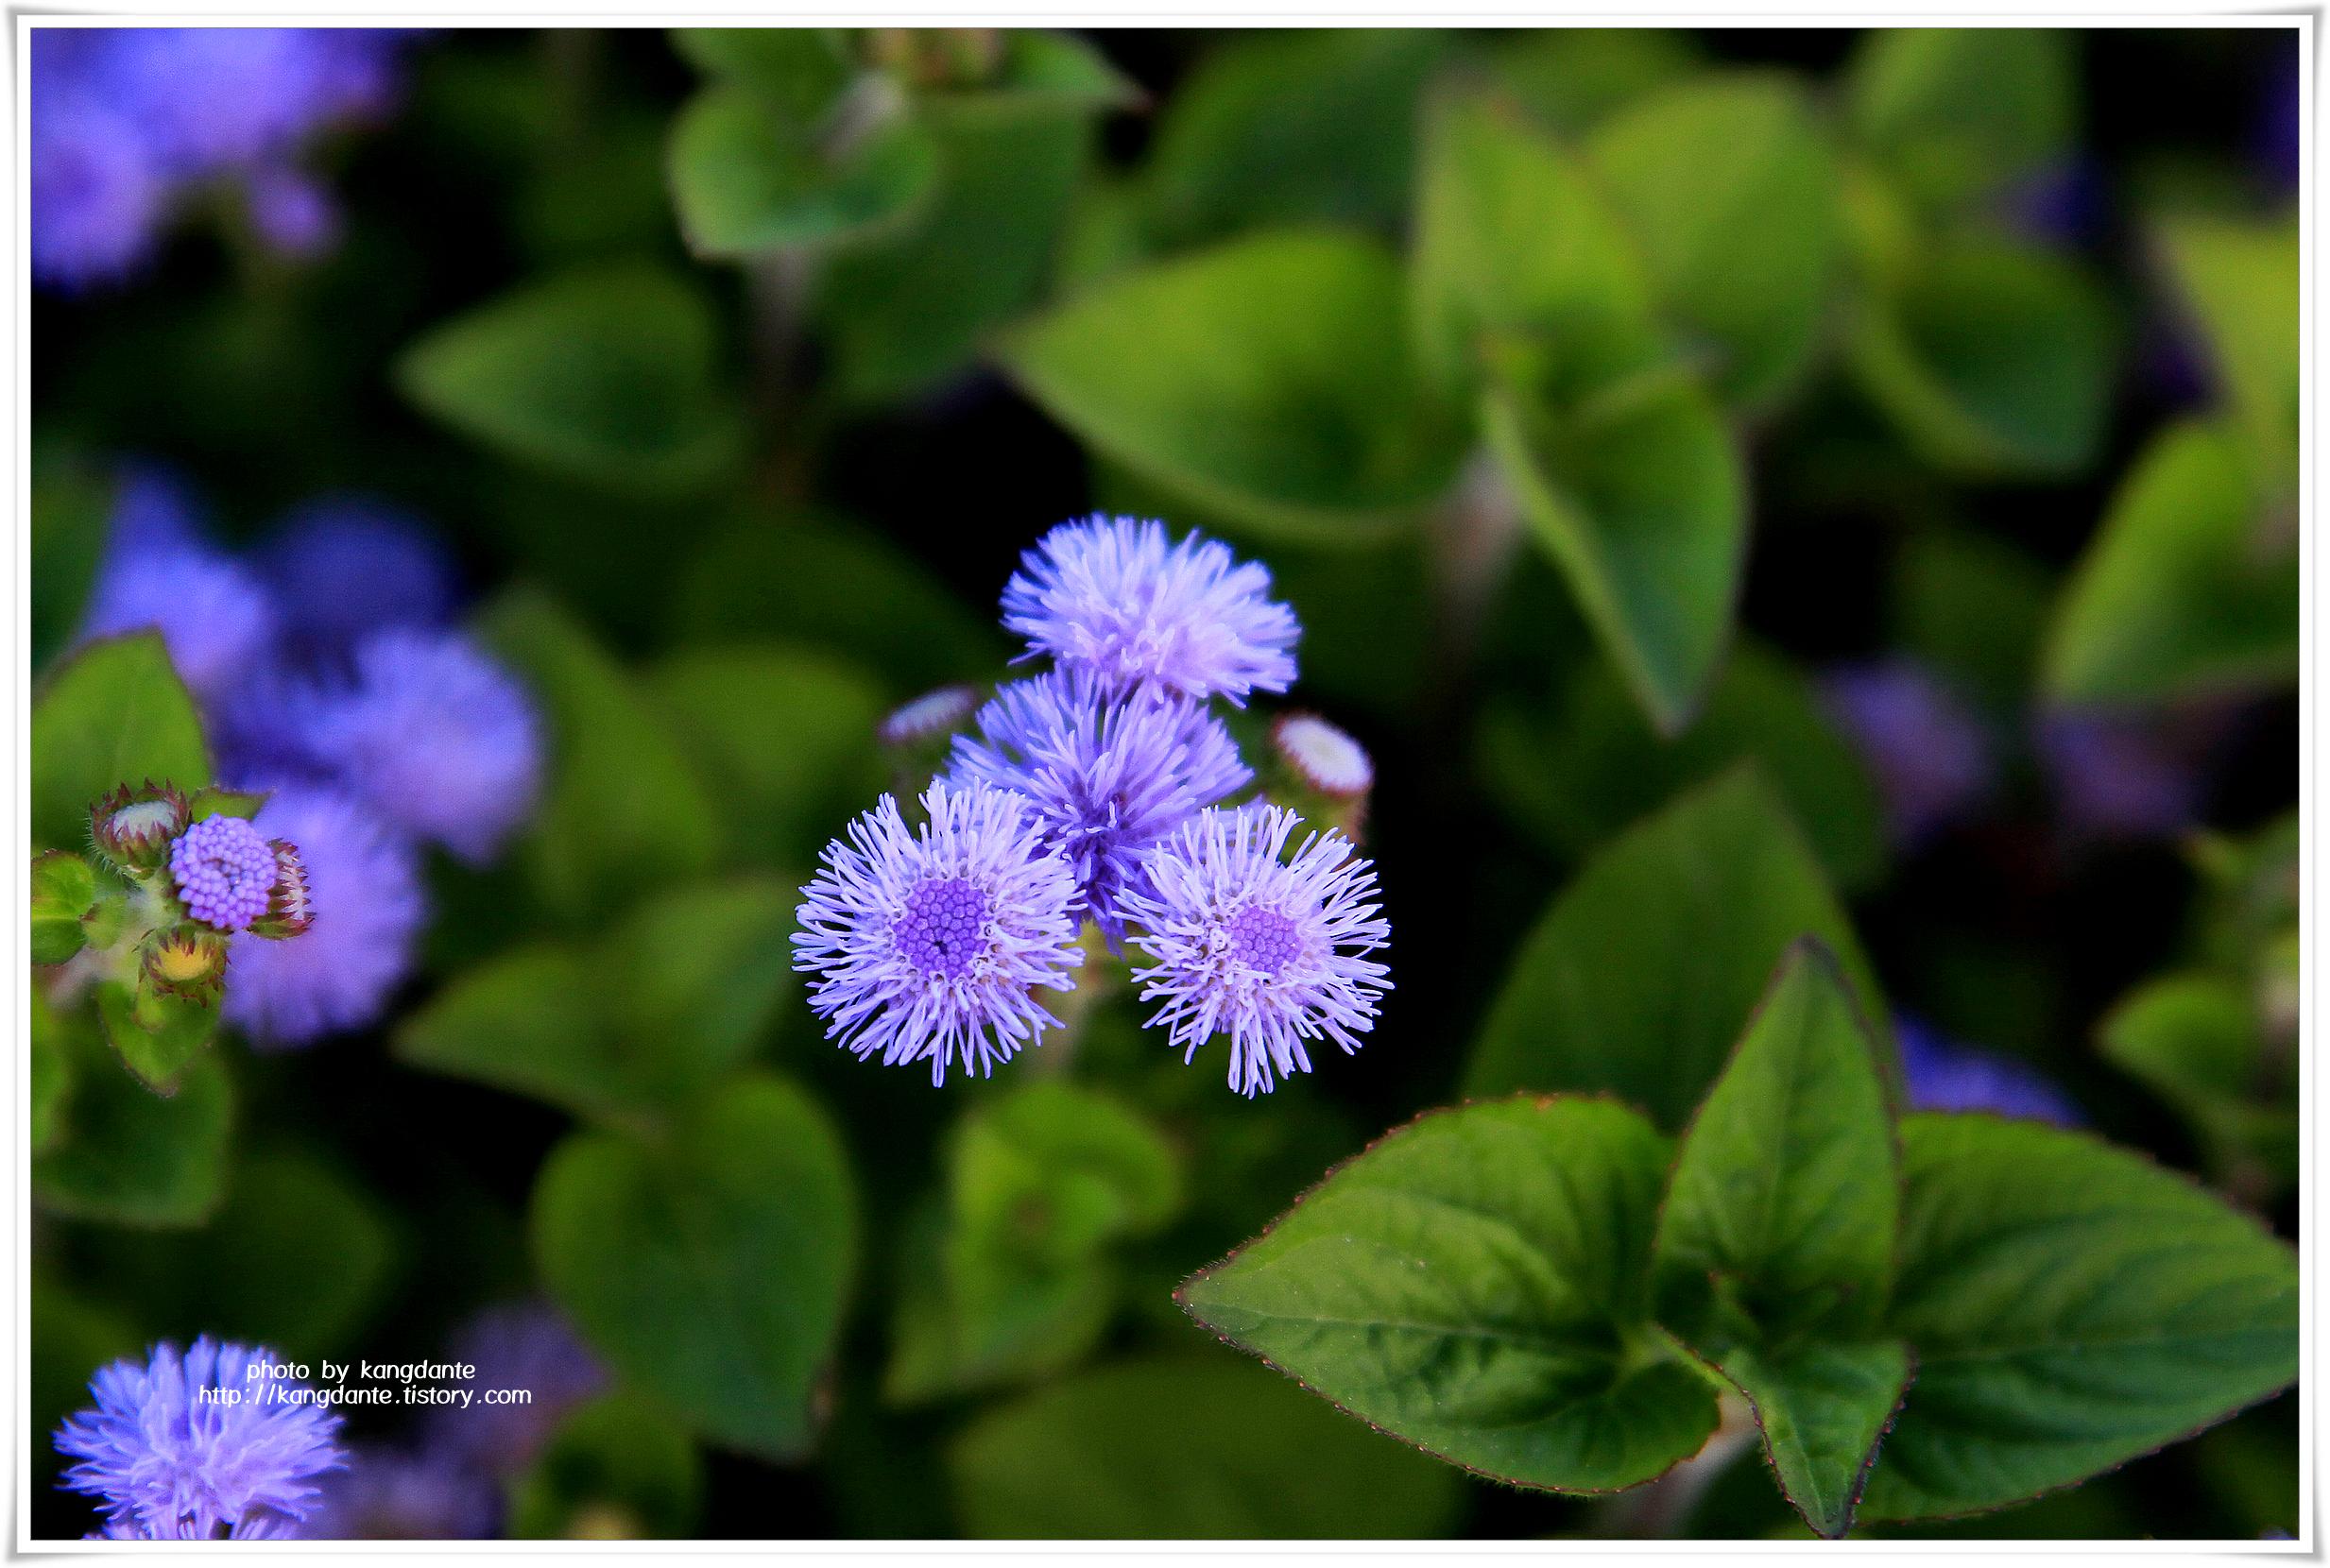 보라빛 아게라텀과 화려한 송엽국